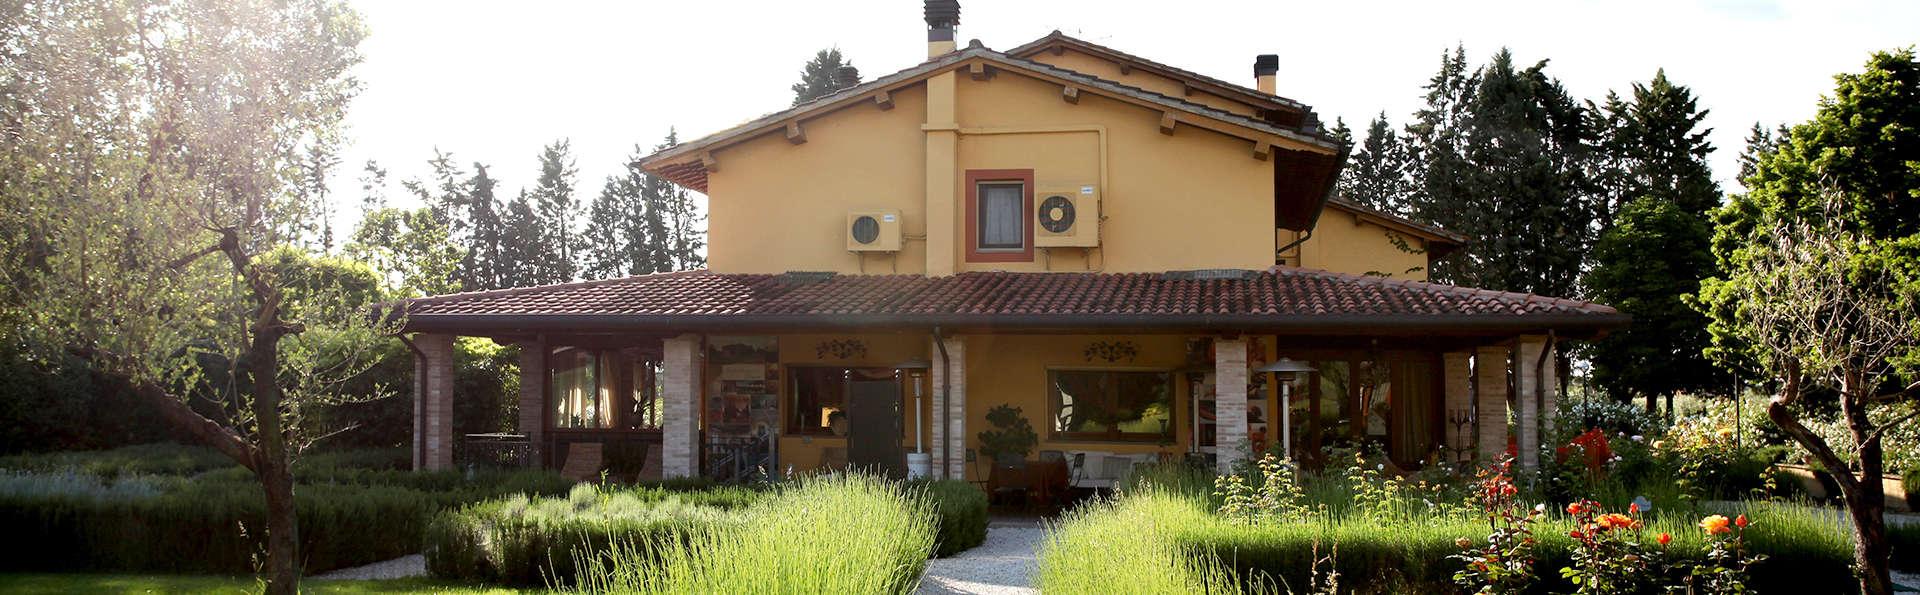 Garden Resort & Spa San Crispino - Edit_Front.jpg